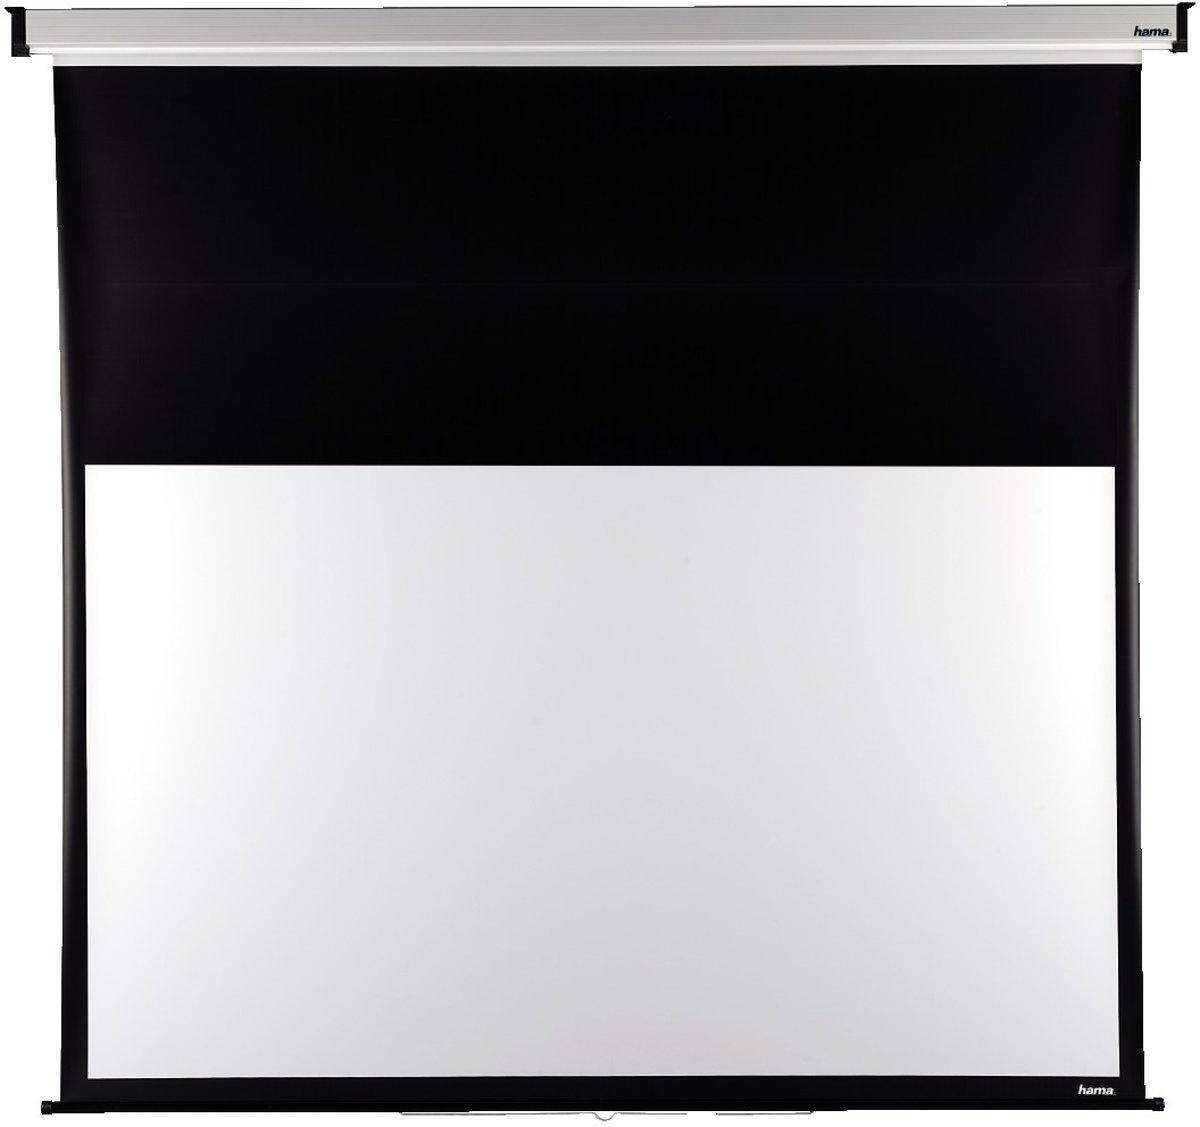 SpeaKa Professional SP-BML-1000 SP-6246788 Elektrisch projectiescherm 265 x 149 cm Beeldverhoudin 16:9